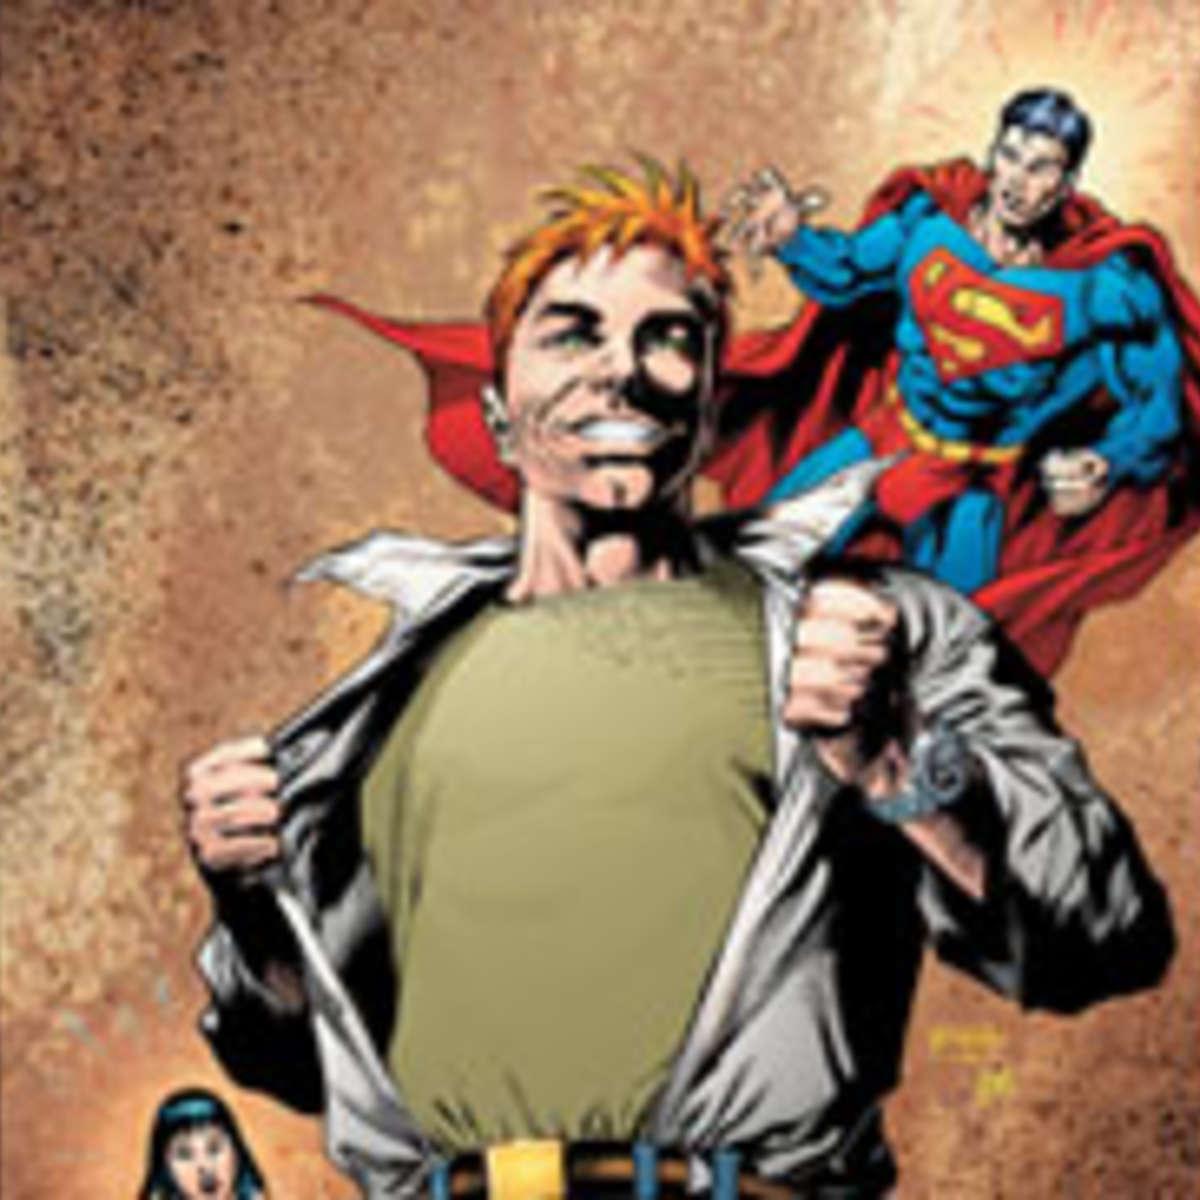 Superheroes072111.jpg